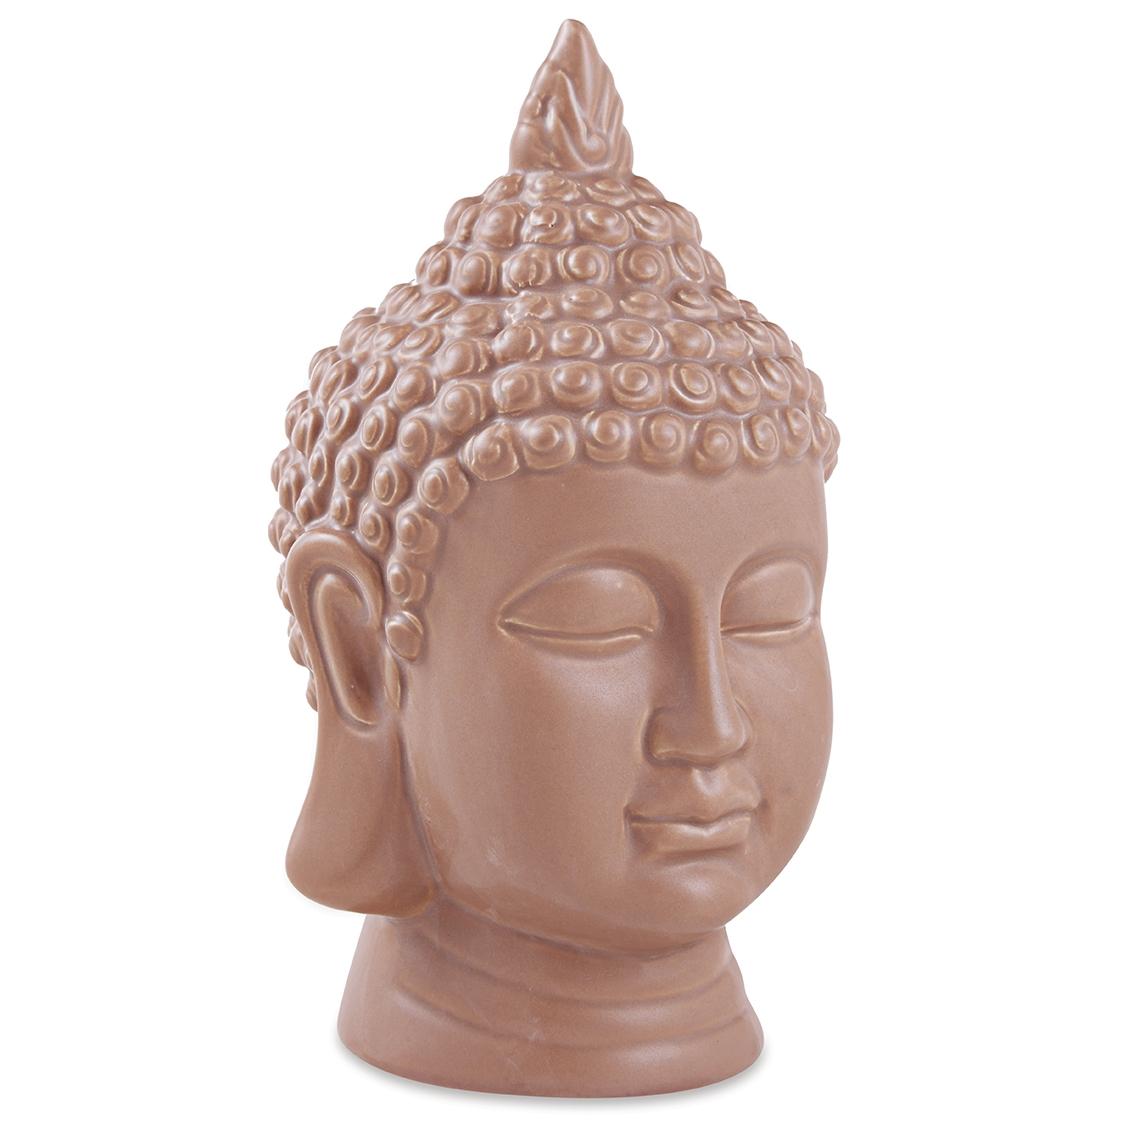 Escultura Buda Terracota em Ceramica 23cm